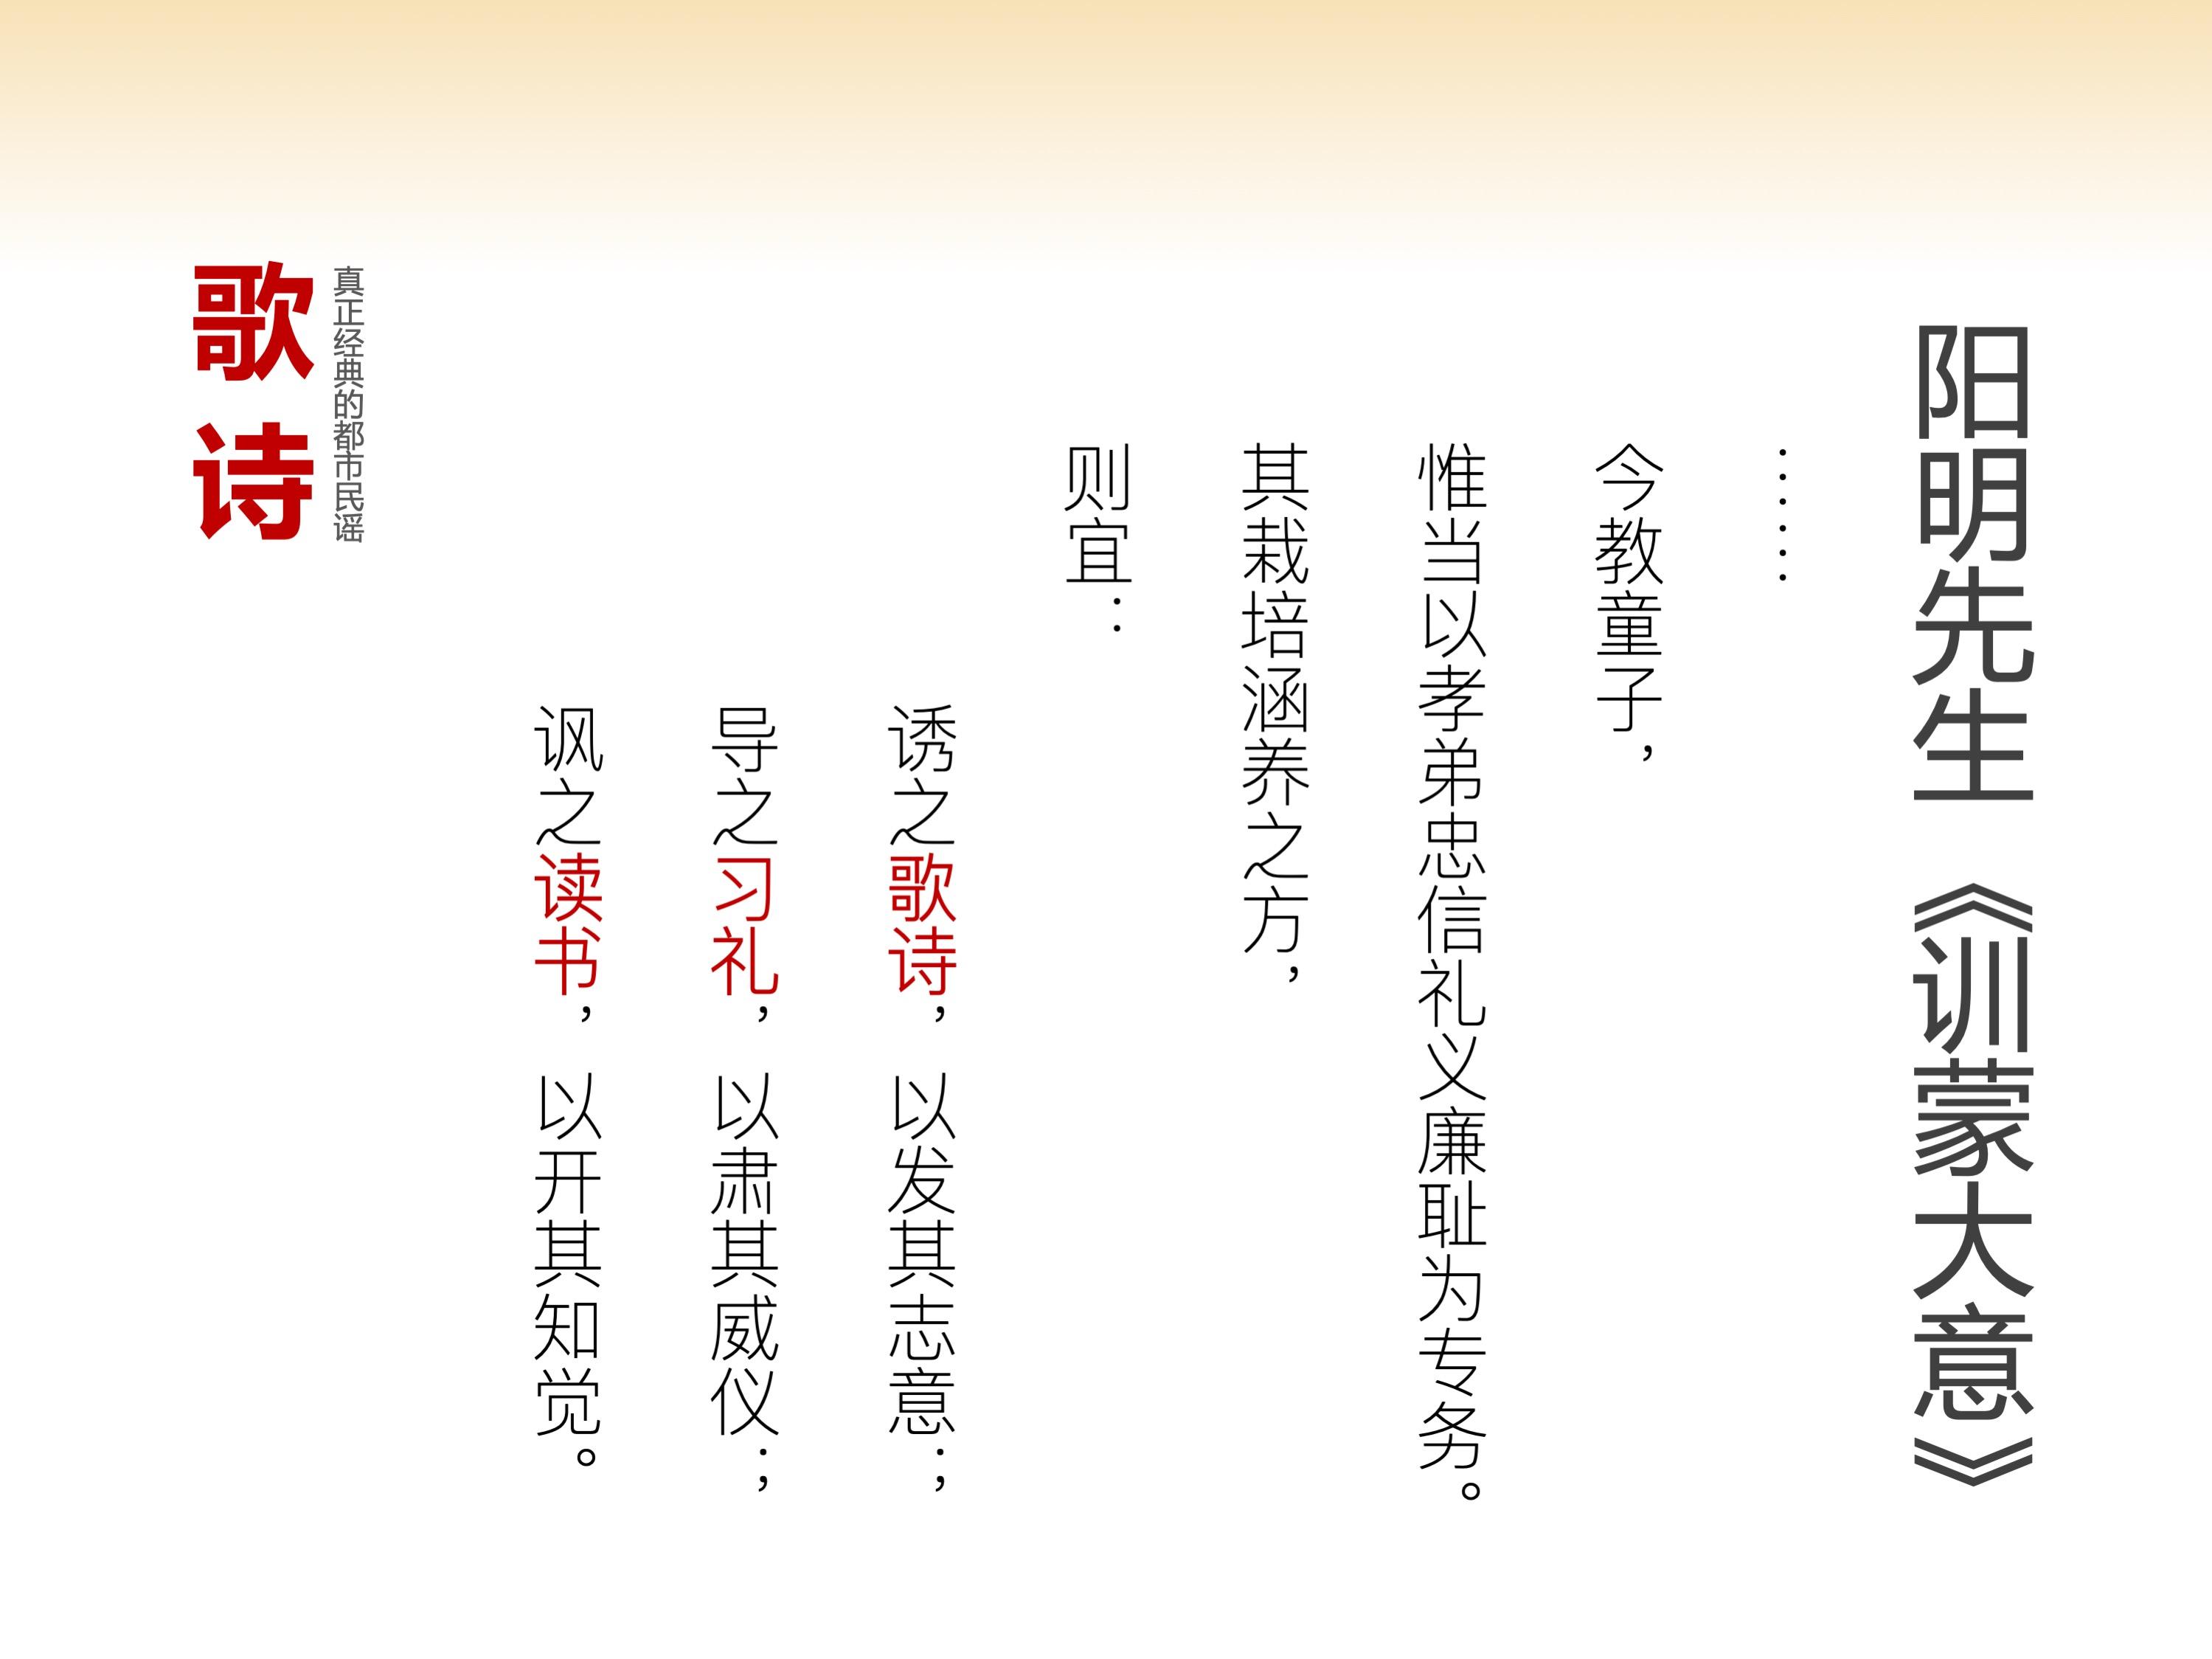 幻灯片09